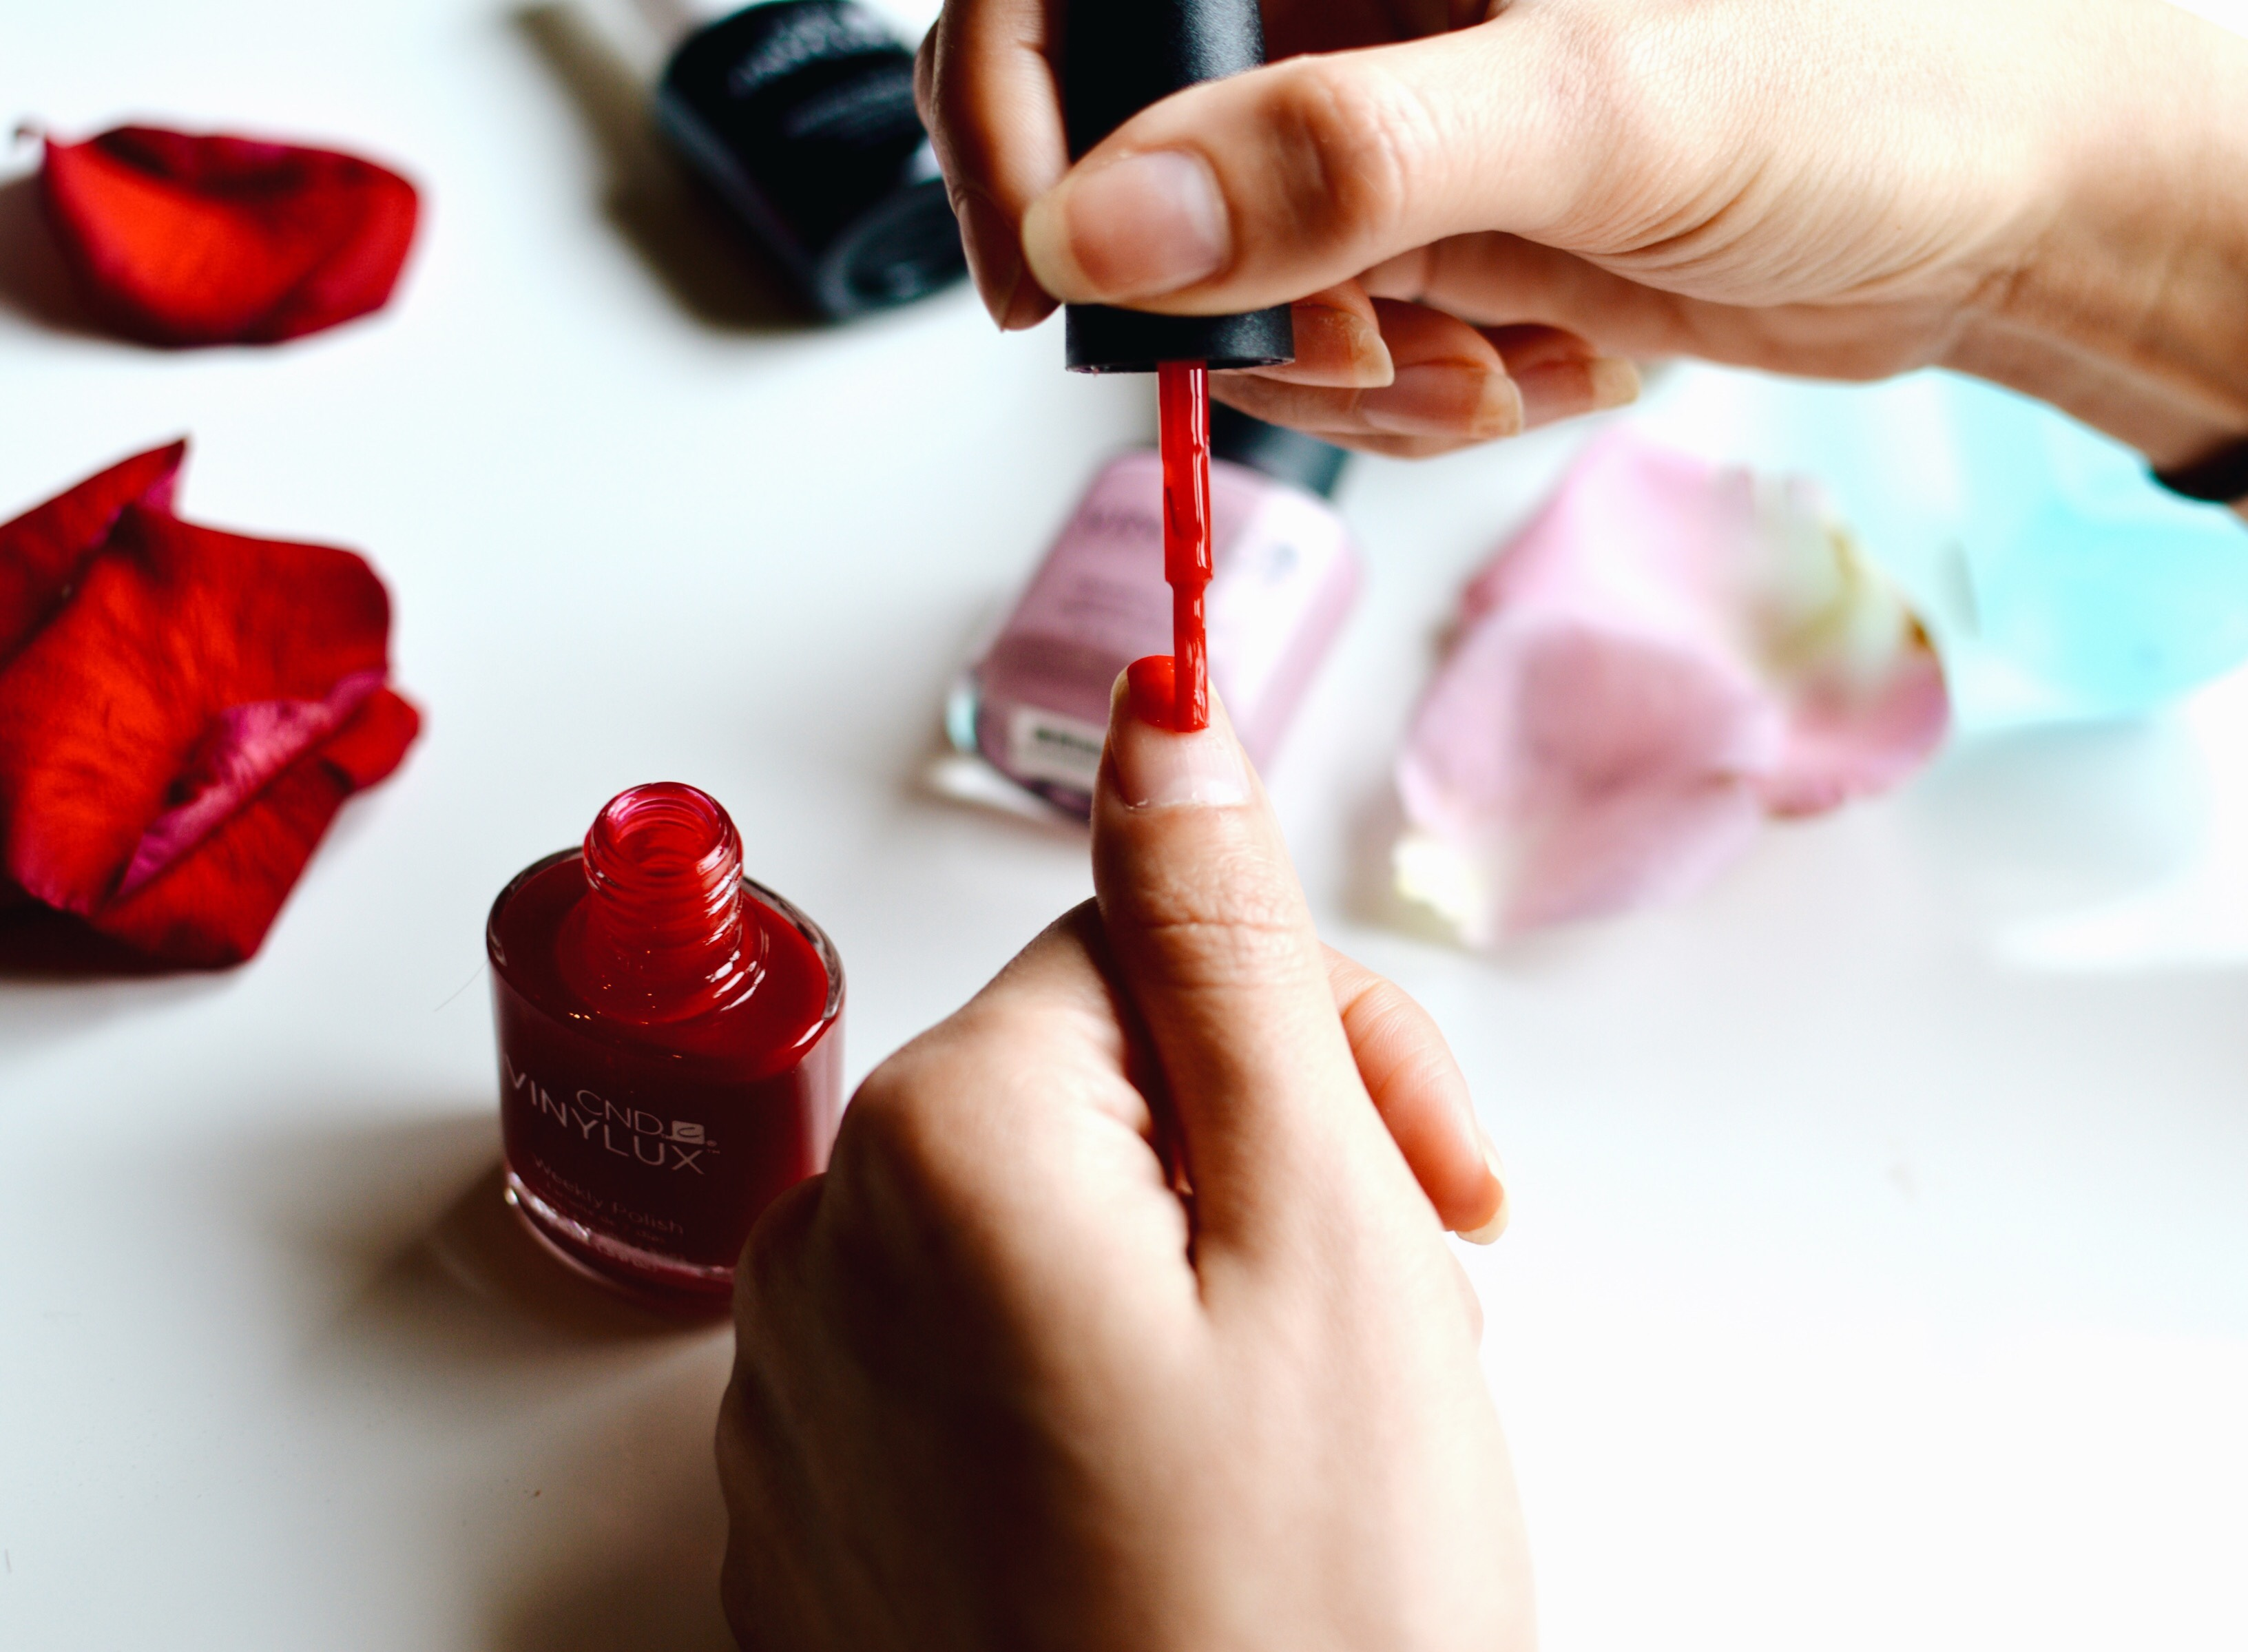 Cómo hacer que tu esmalte de uñas dure más tiempo - vanedresscode